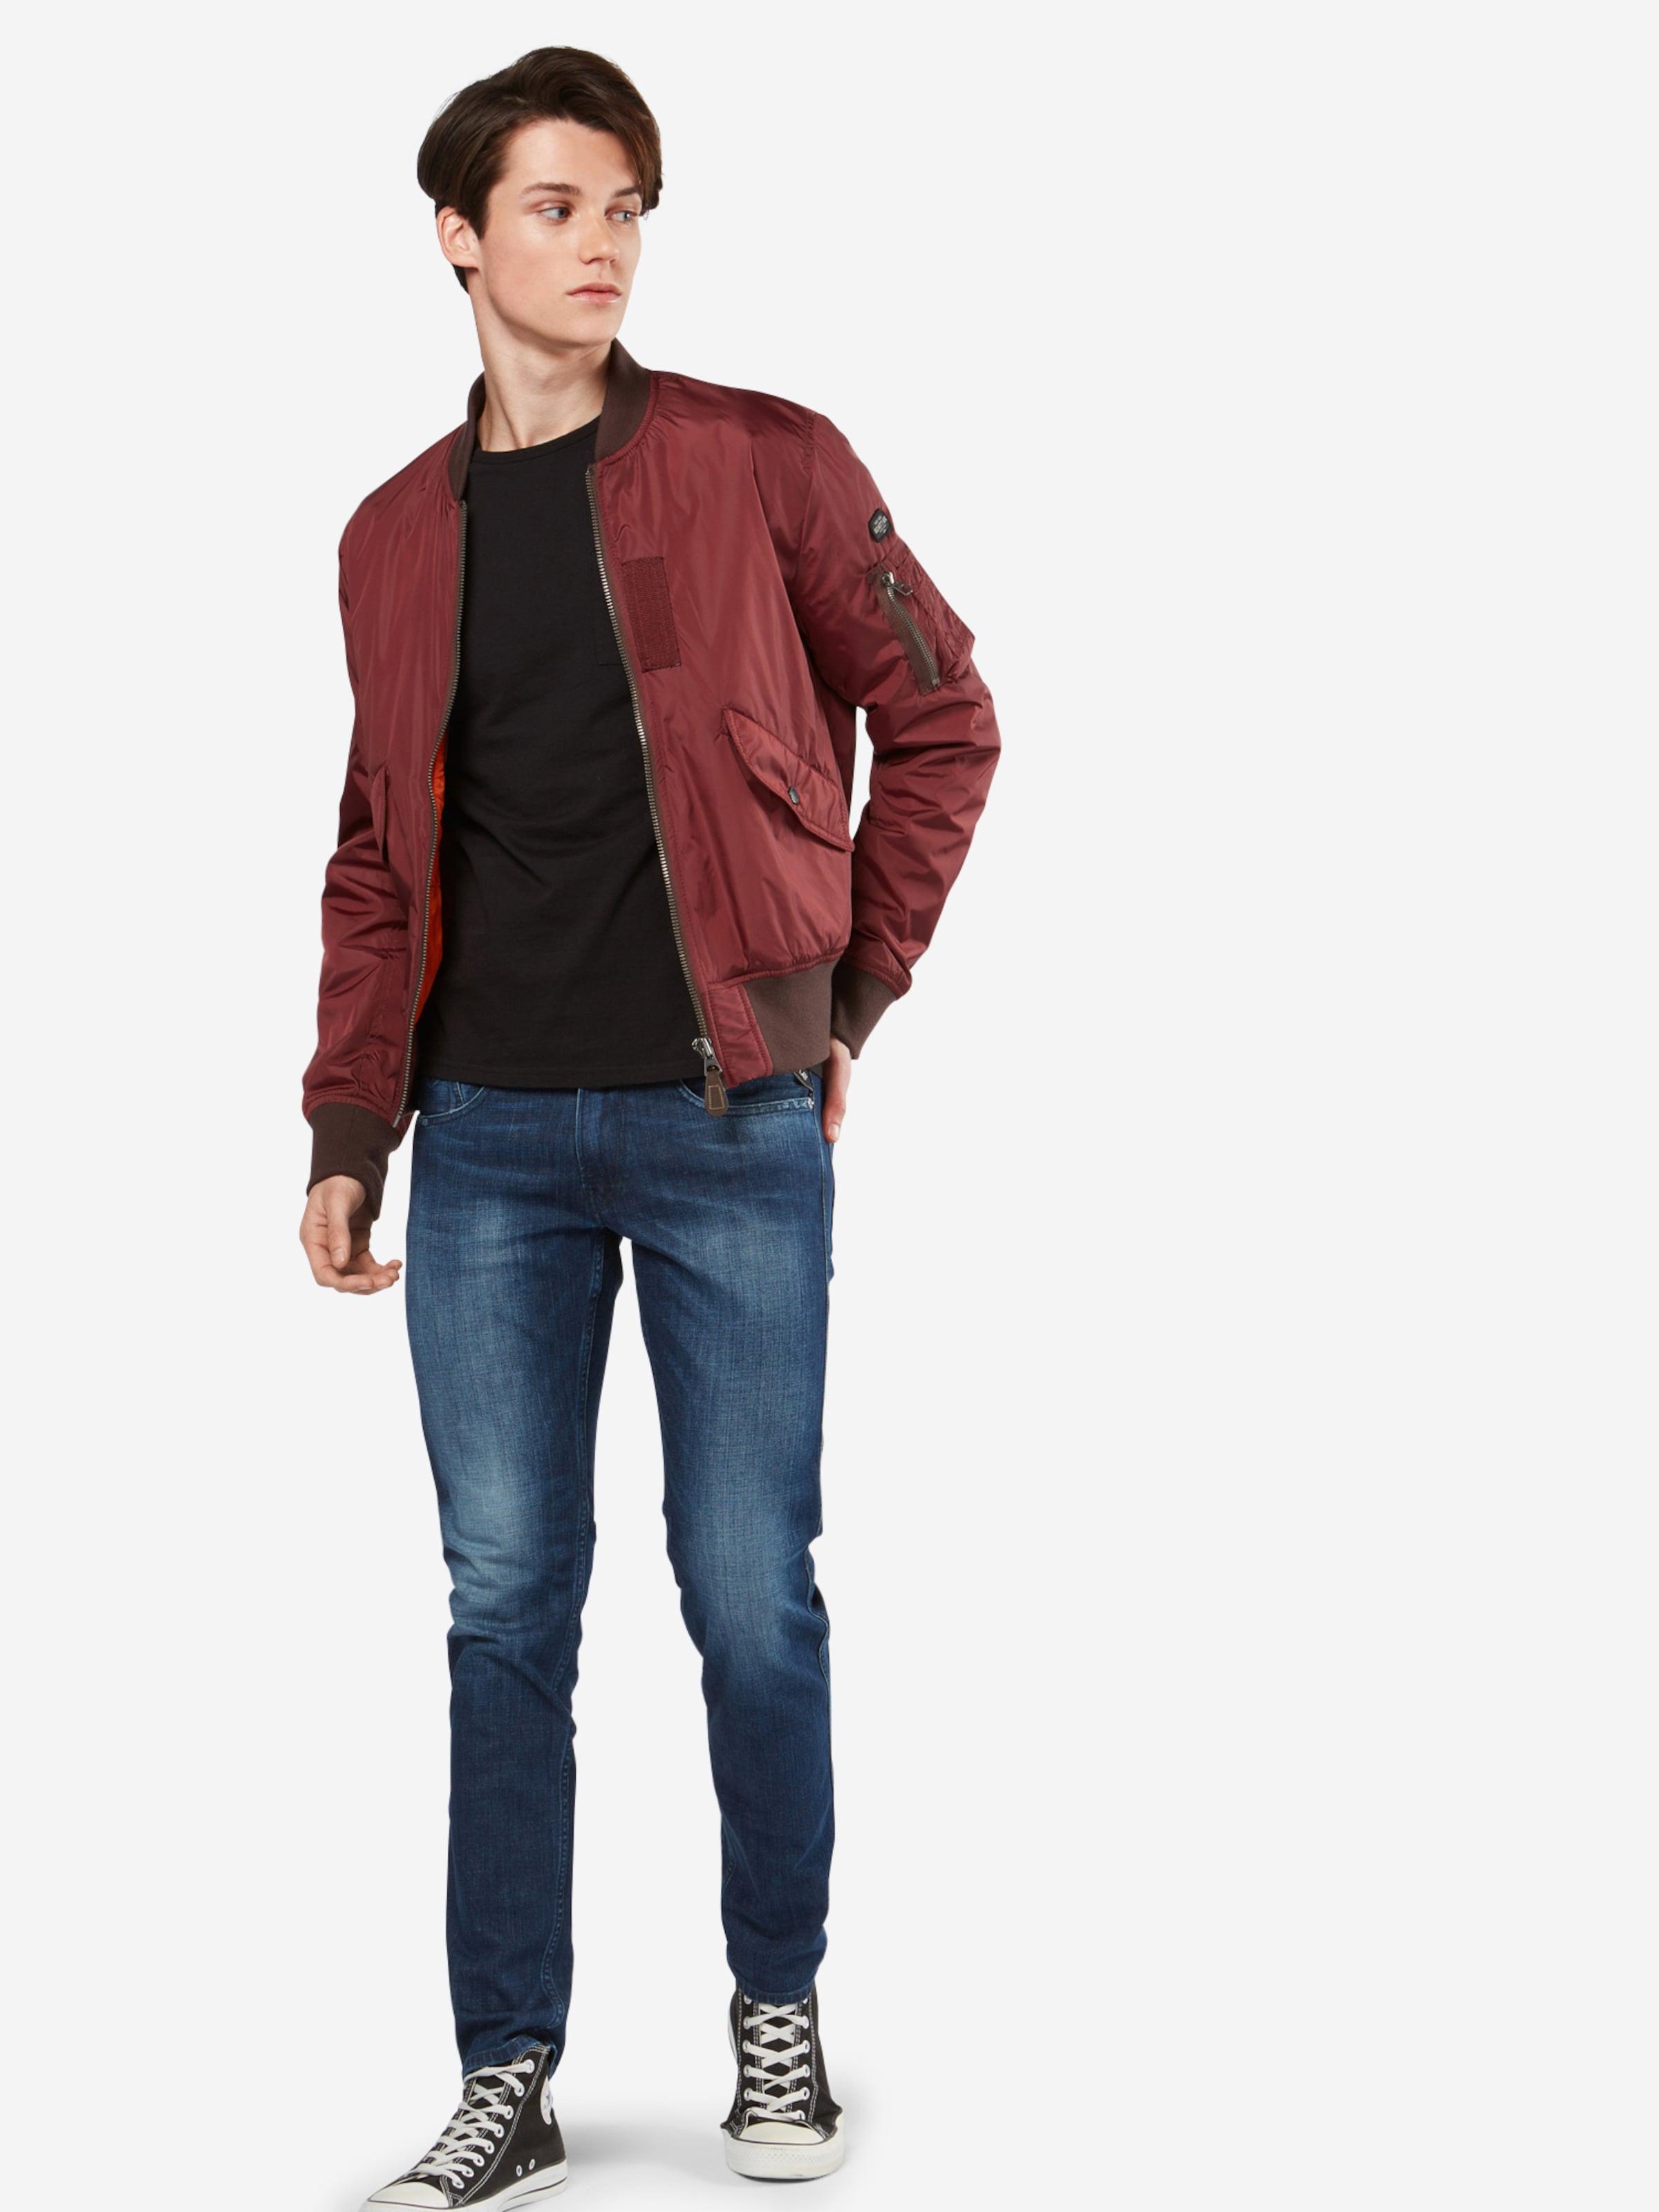 REPLAY Jeans im Used-Style 'Anbass' Mit Paypal Zahlen Zu Verkaufen Verkauf Online-Shopping Spielraum Wirklich RCU11